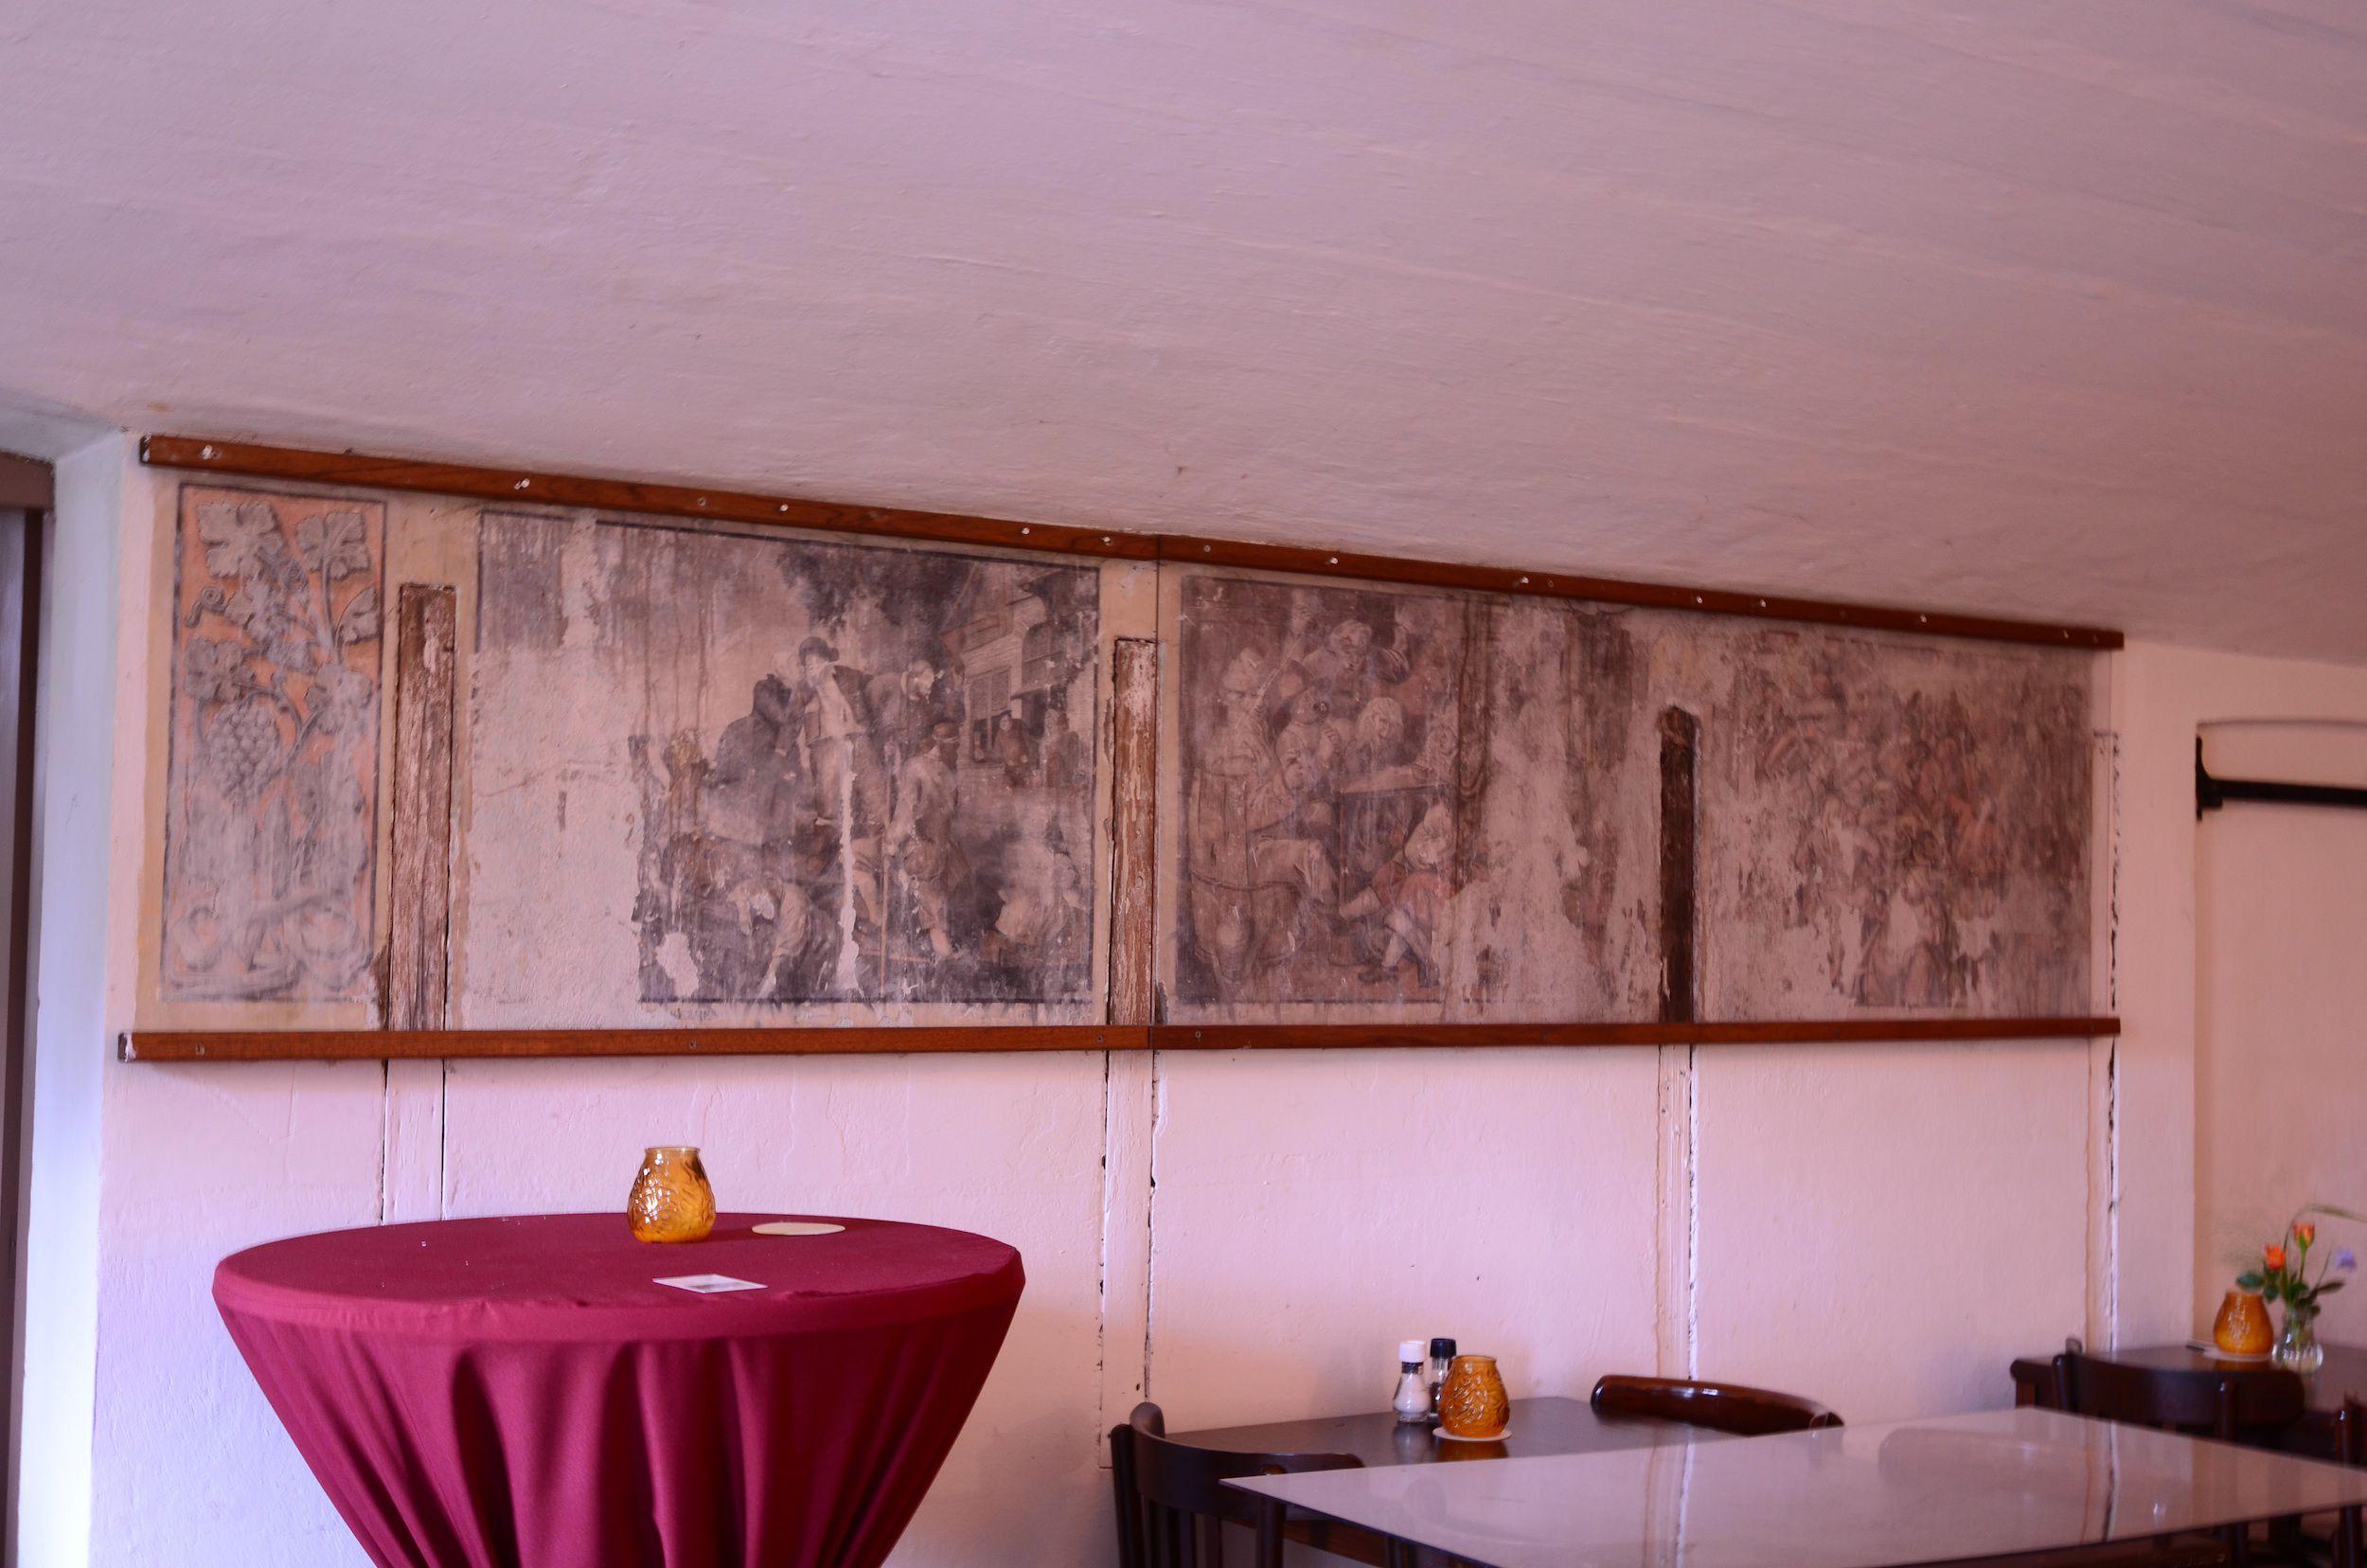 Wandschilderingen kantine Fort Bezuiden